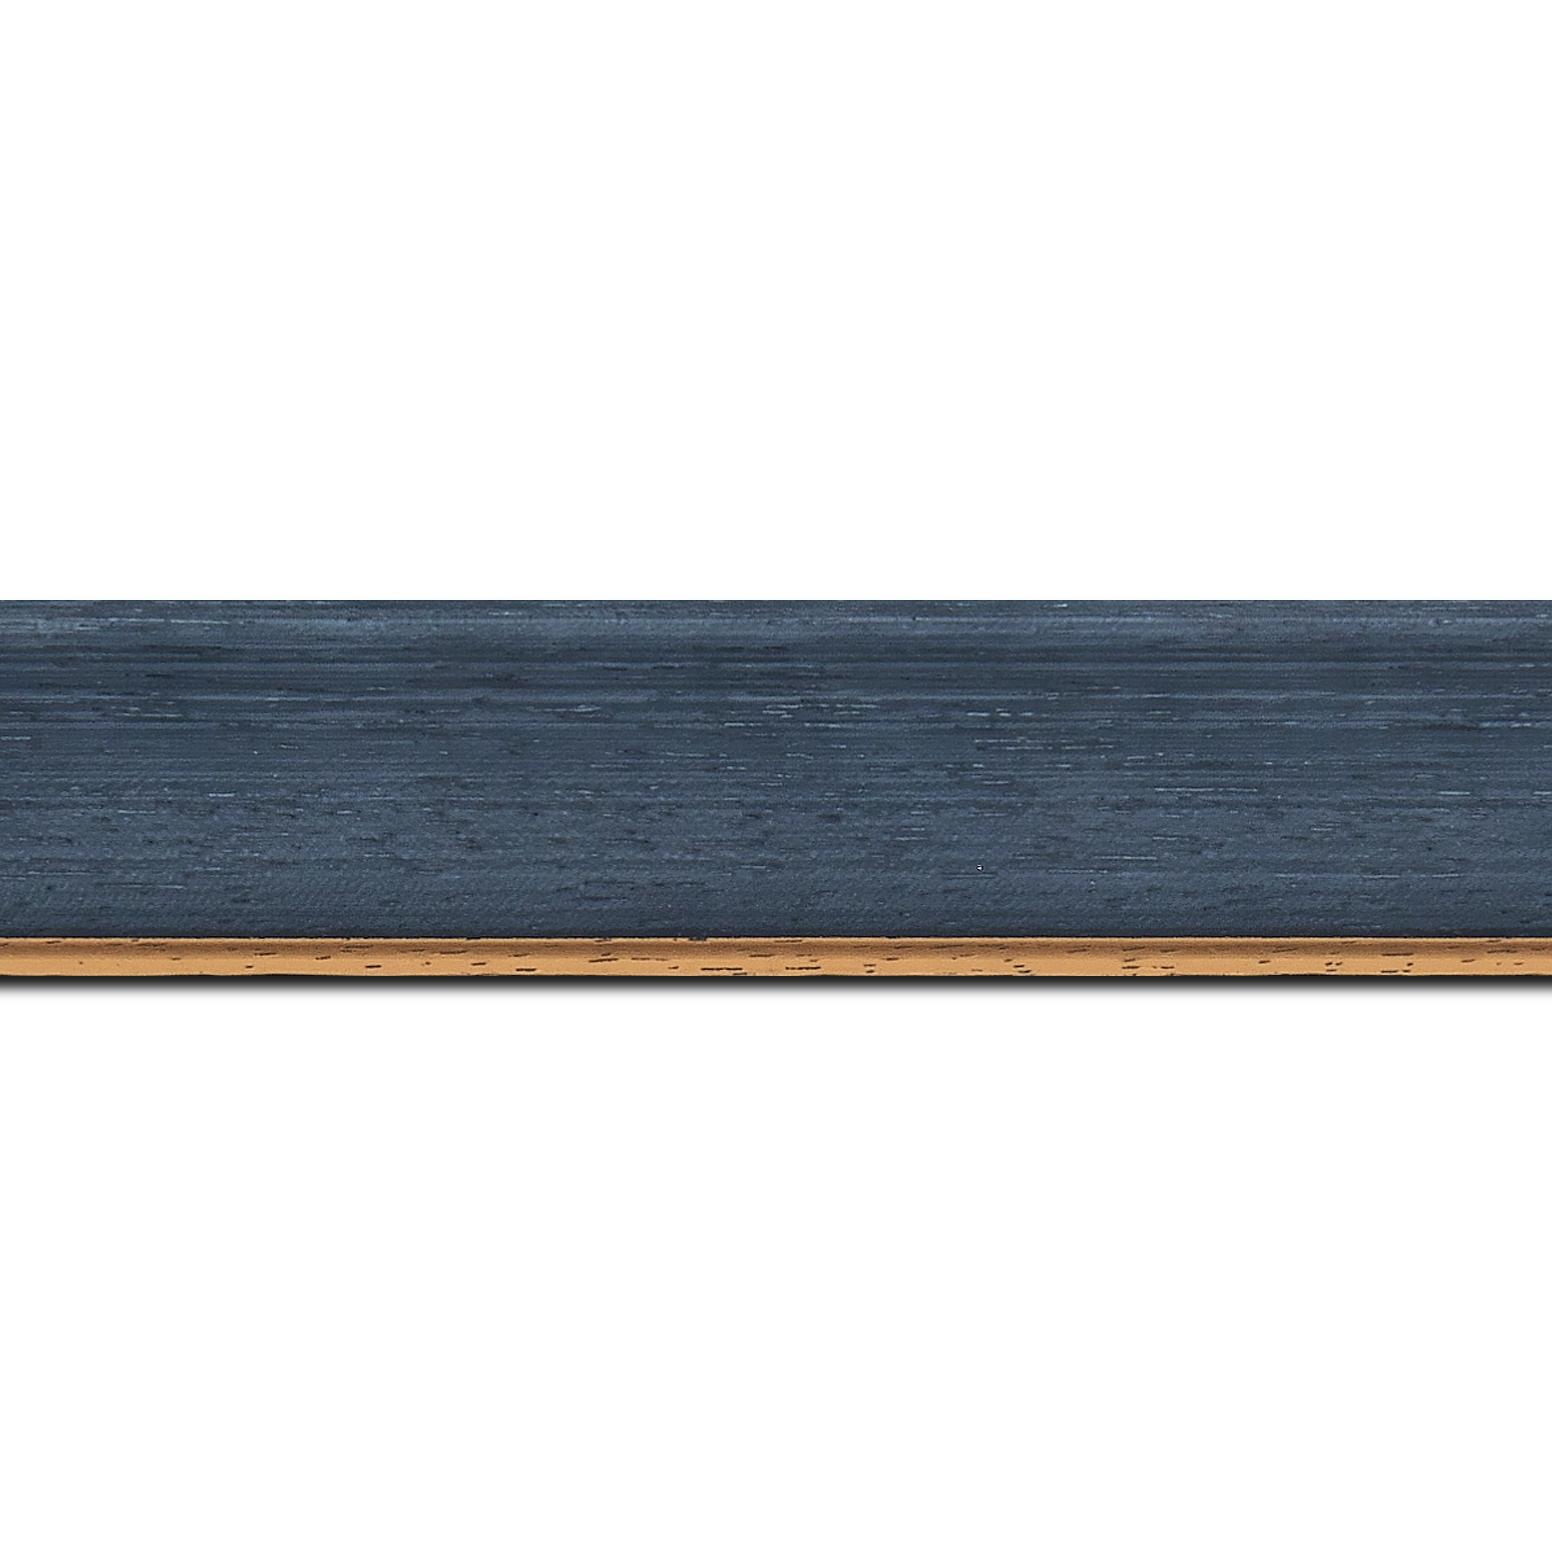 Baguette longueur 1.40m bois profil incurvé largeur 3.9cm couleur bleu pétrole satiné filet or